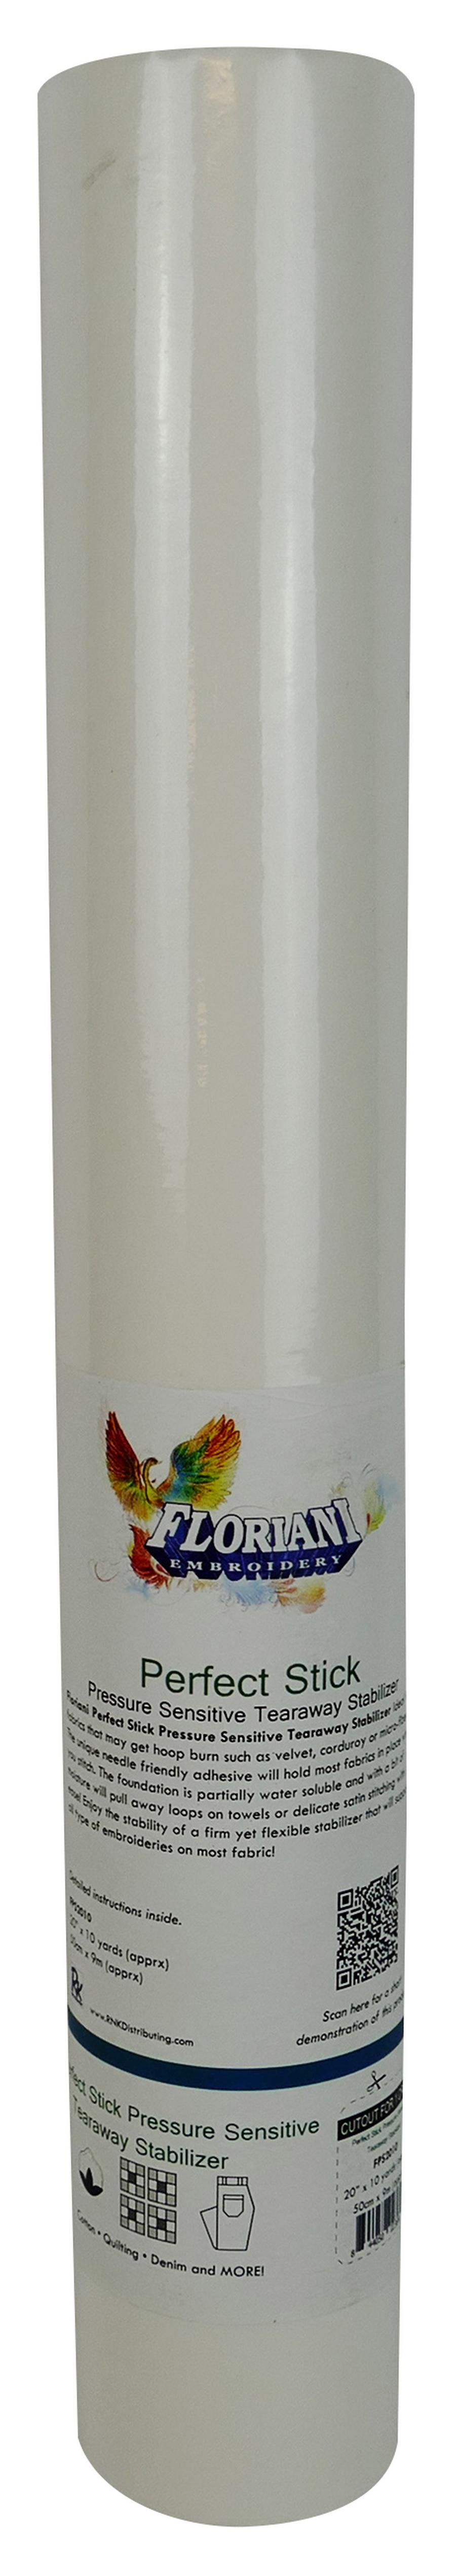 Floriani Perfect Stick Pressure Sensitive Stabilizer, 20 in x 10 yds